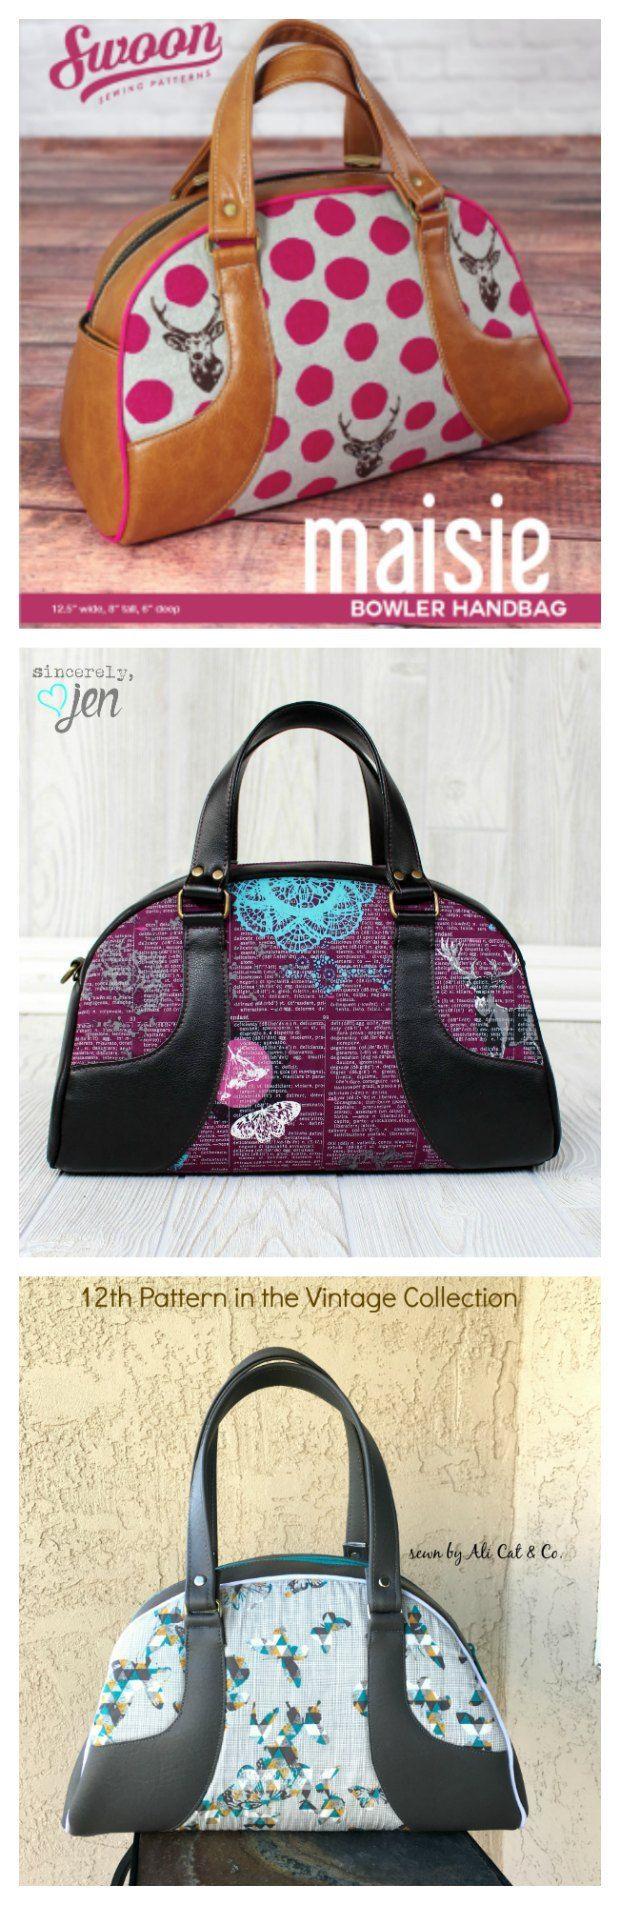 Maisie Bowler Handbag | Taschen nähen, Tasche nähmuster und Nähen